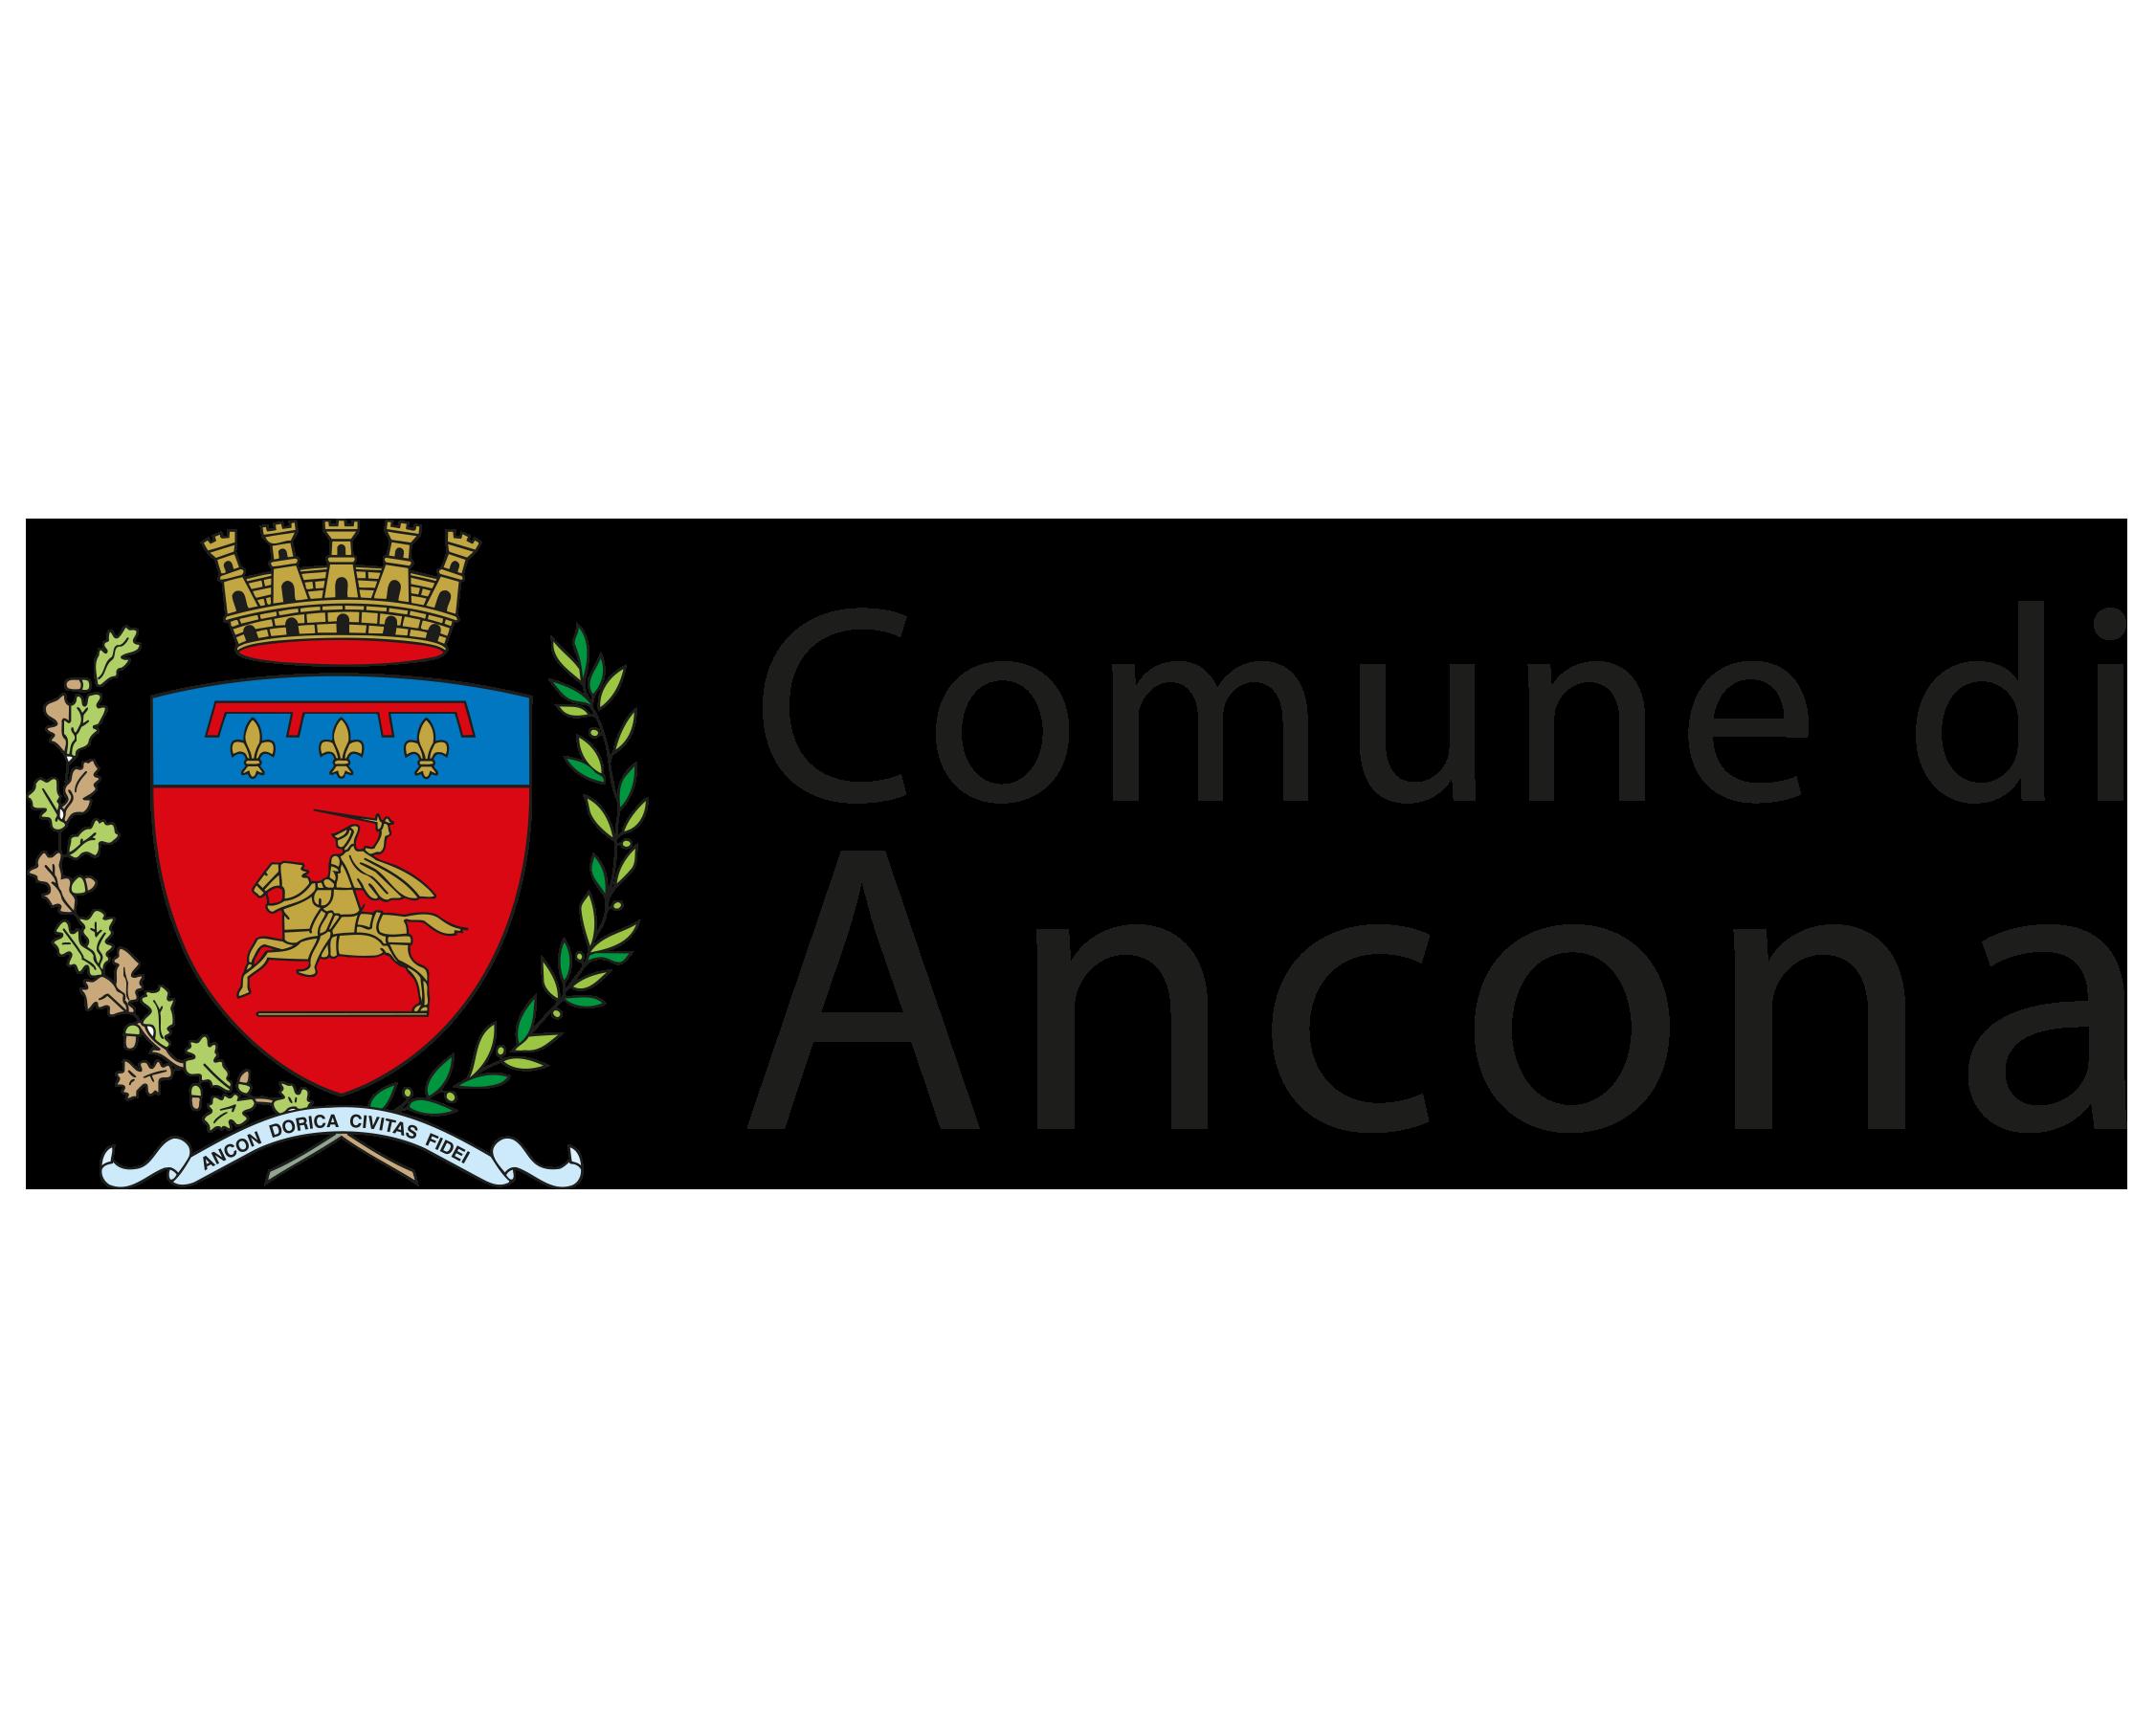 Municipality of Ancona logo